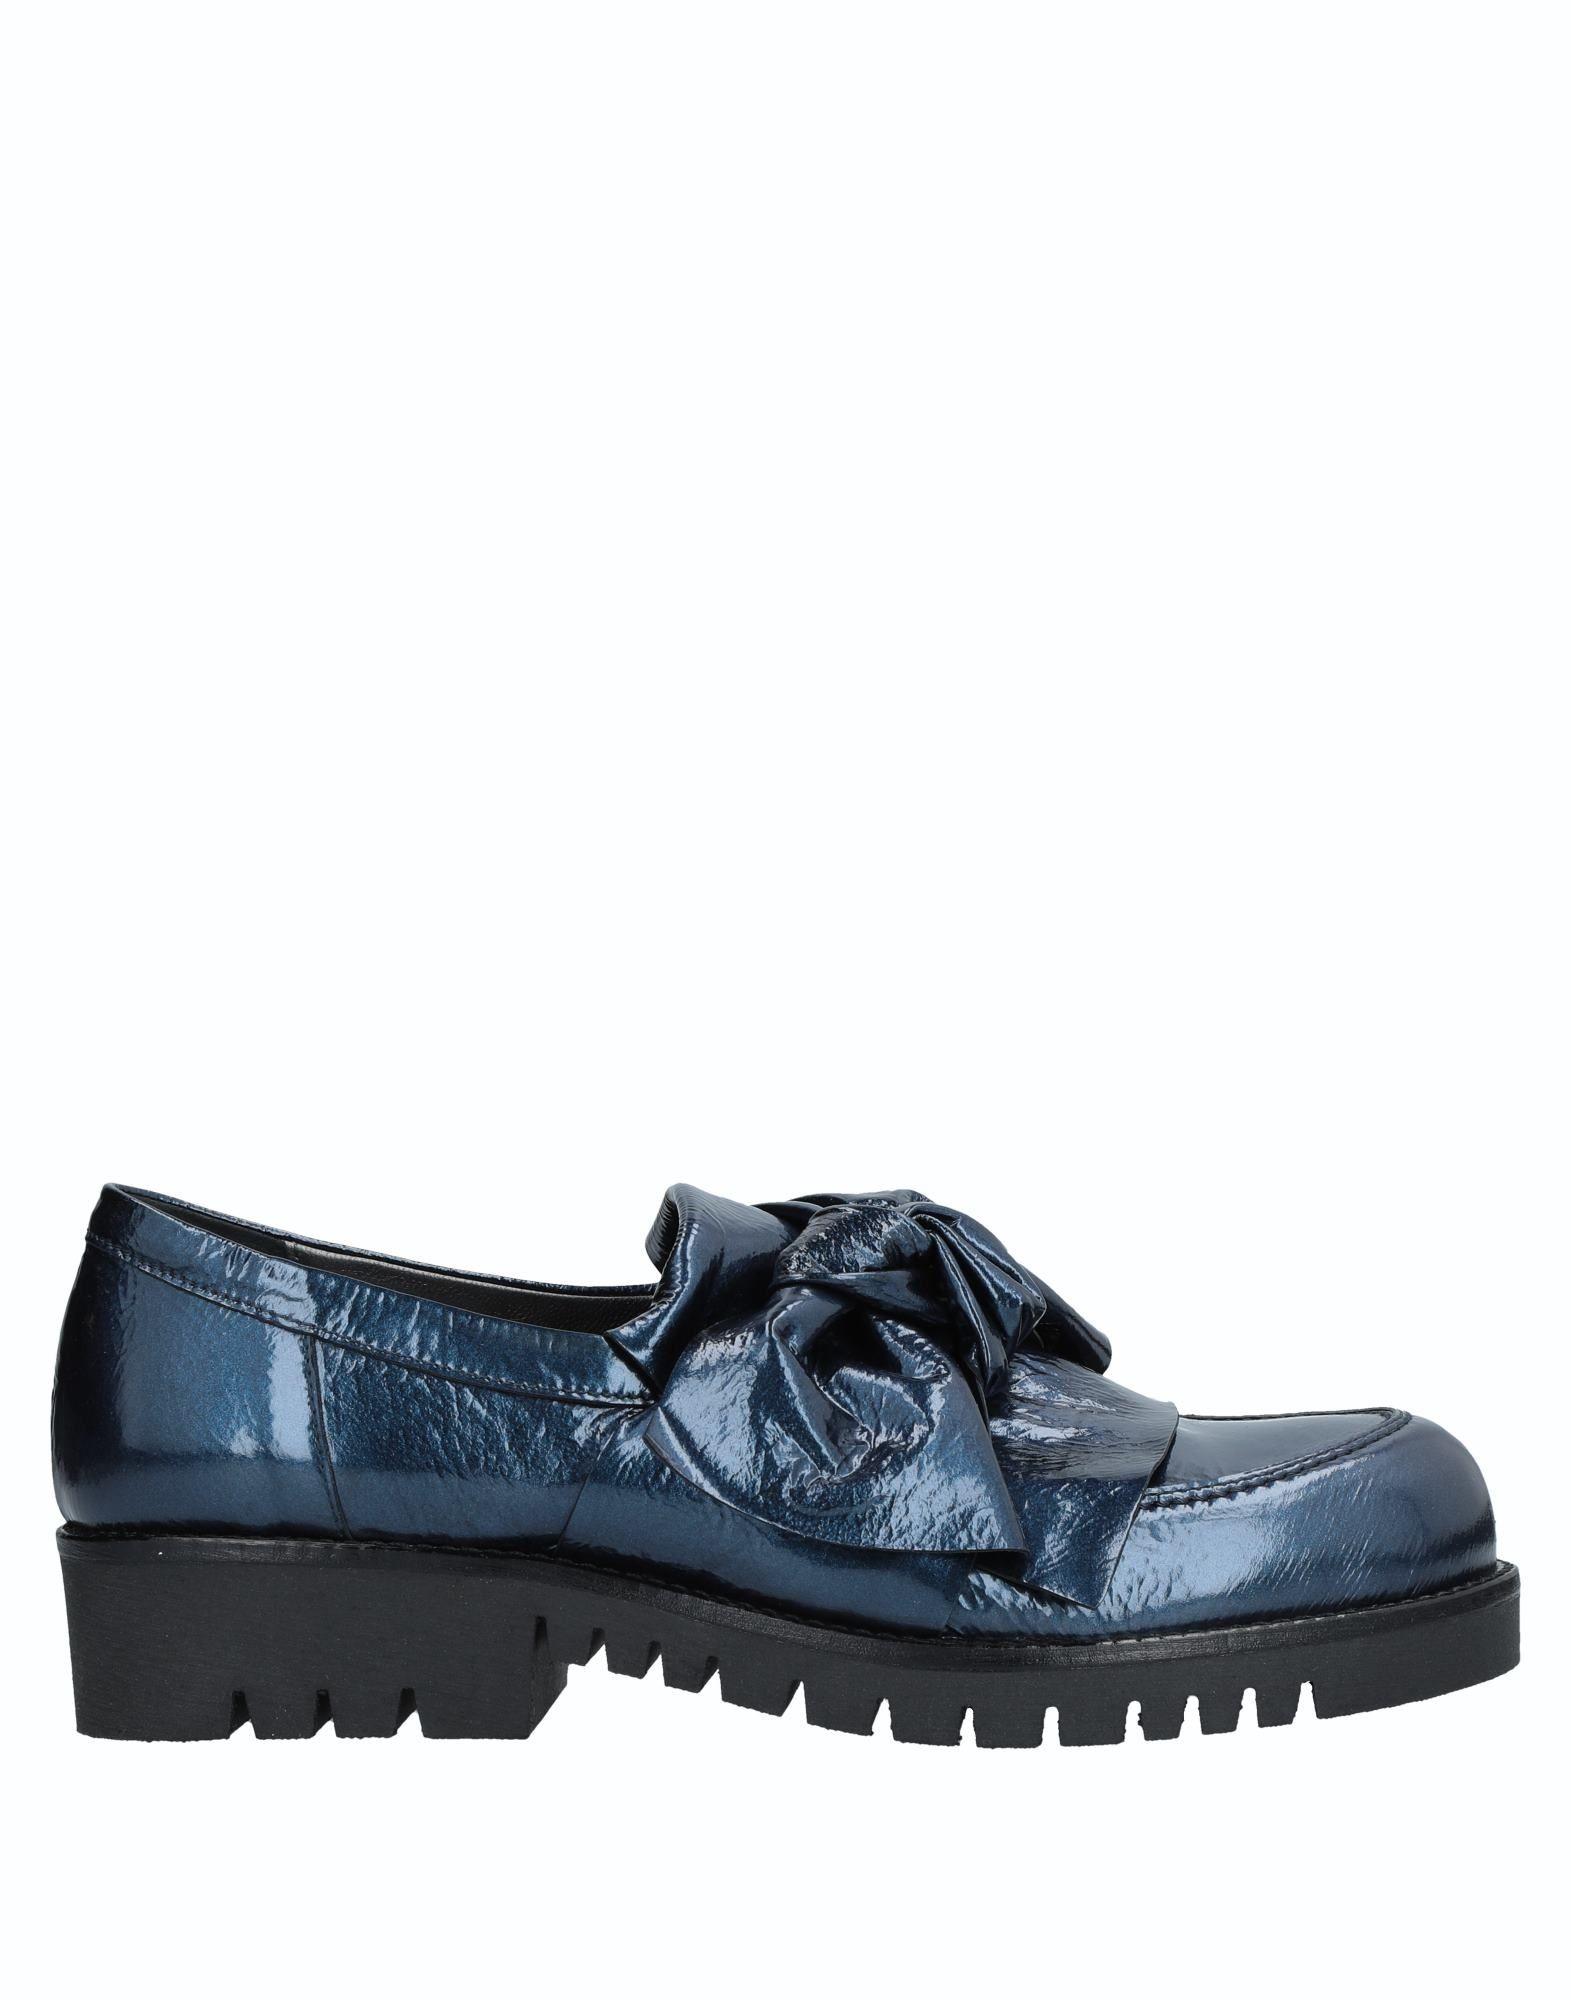 Fiorifrancesi Mokassins Damen  11536905TQ Gute Qualität beliebte Schuhe